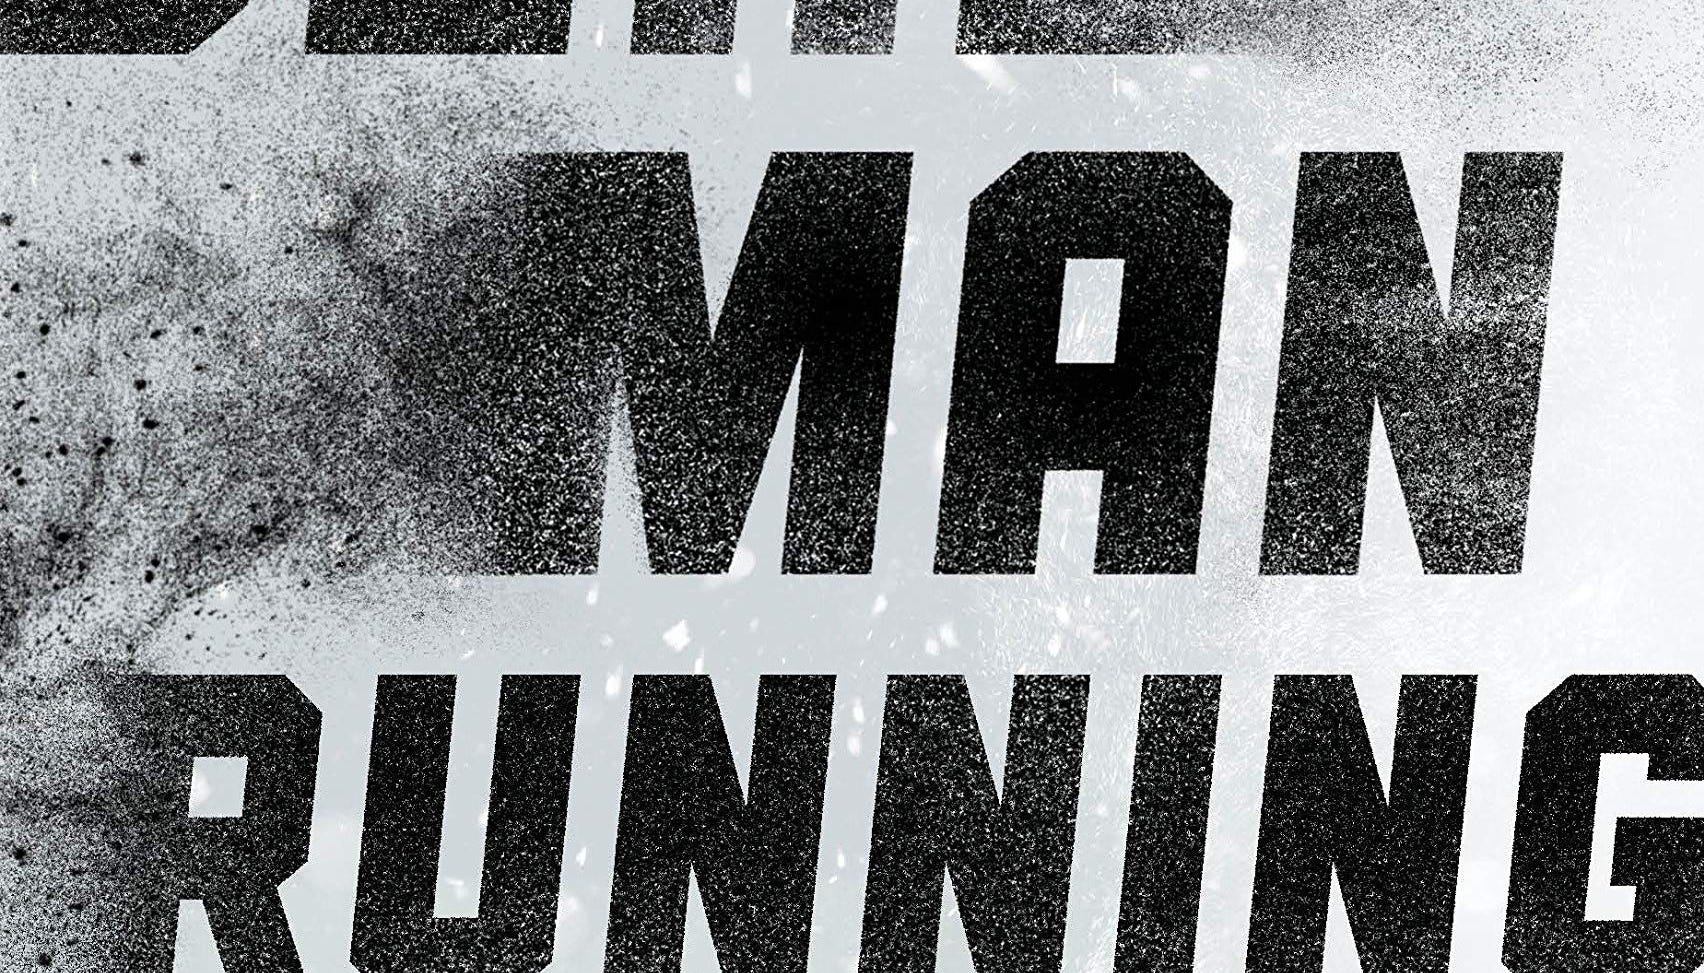 'Dead Man Running' cover for Alex McKnight mystery novel by author Steve Hamilton